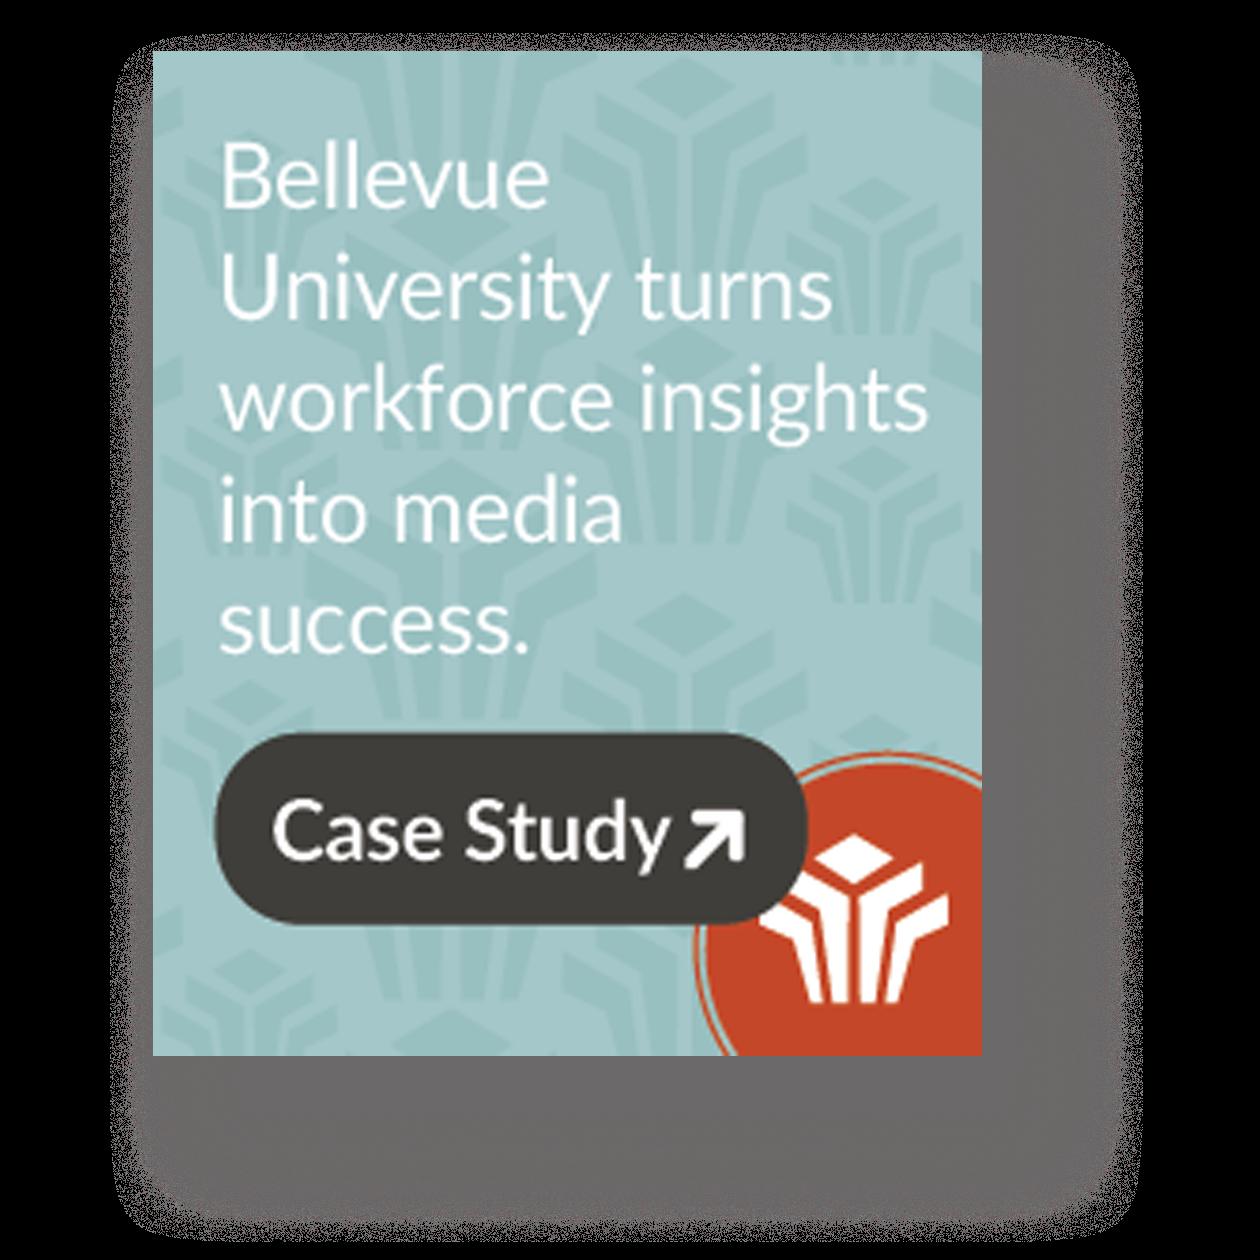 Jones case study bellevue university